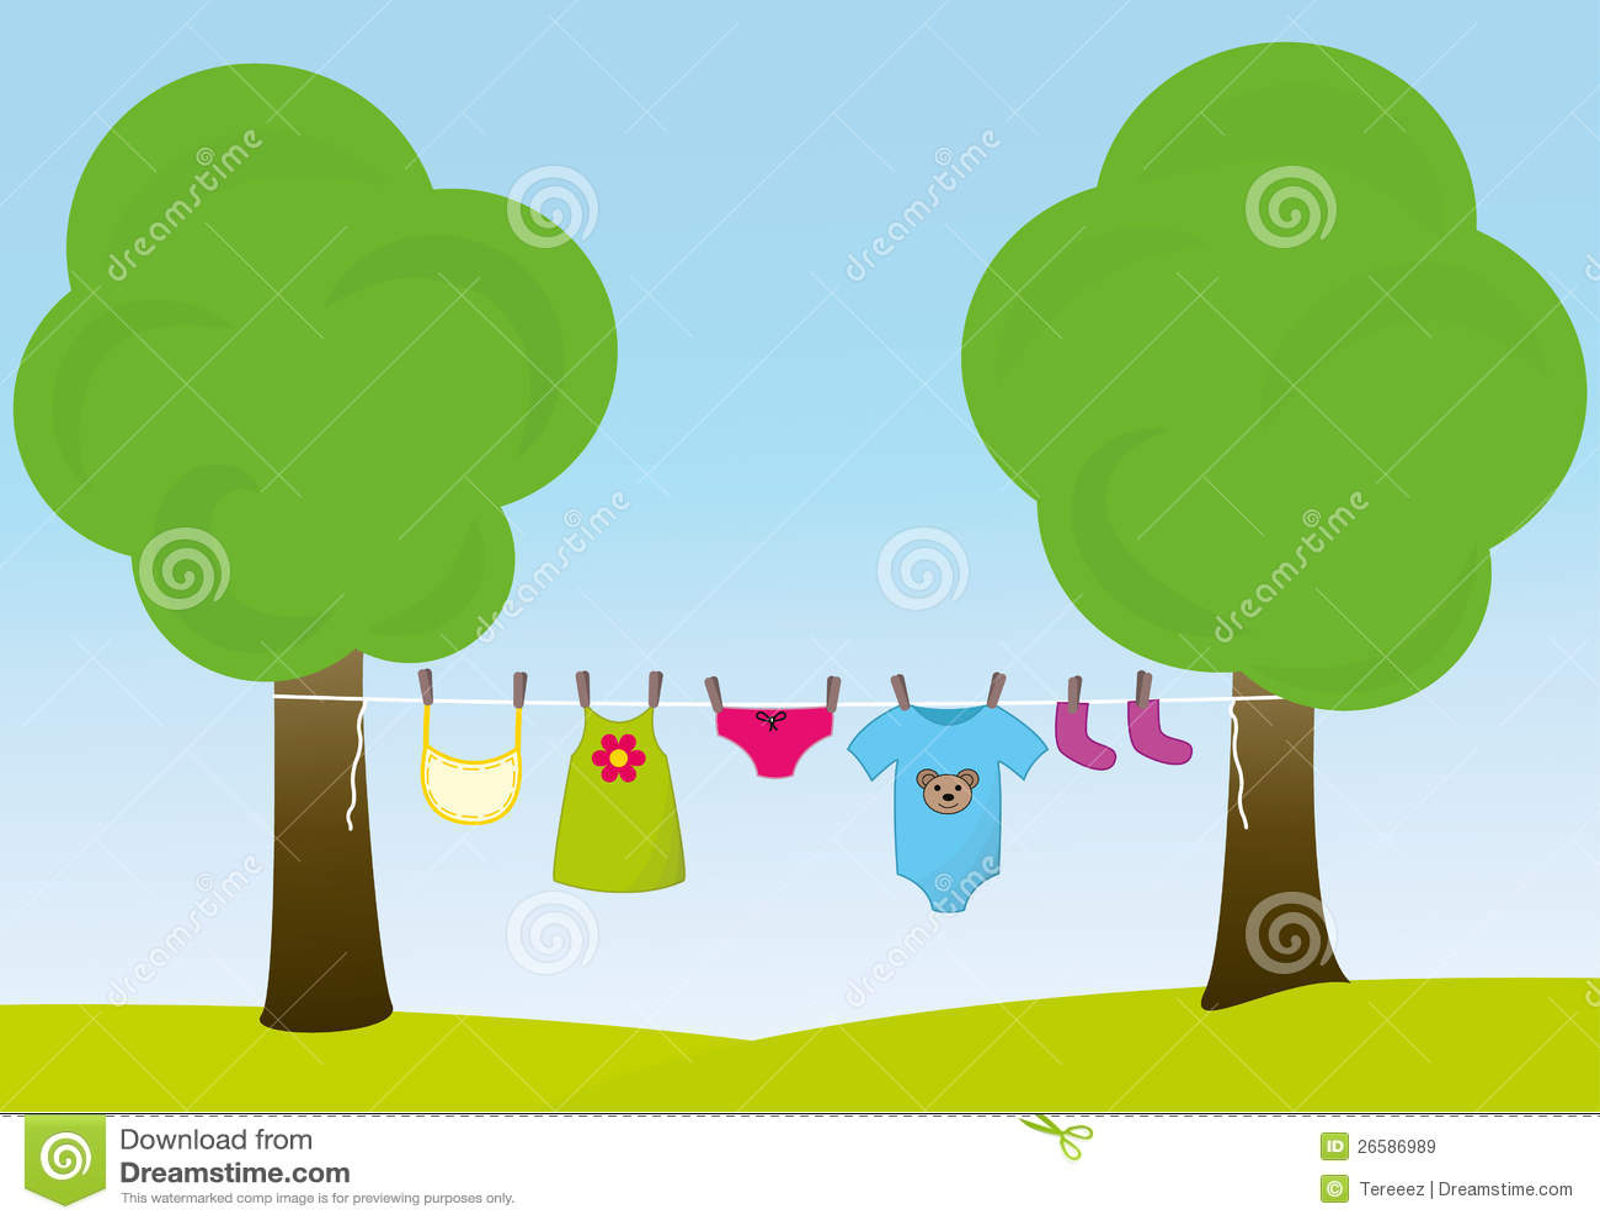 Kinderkleidung auf wäscheleine  Kinderkleidung Auf Wäscheleine Stockbilder - Bild: 30553994